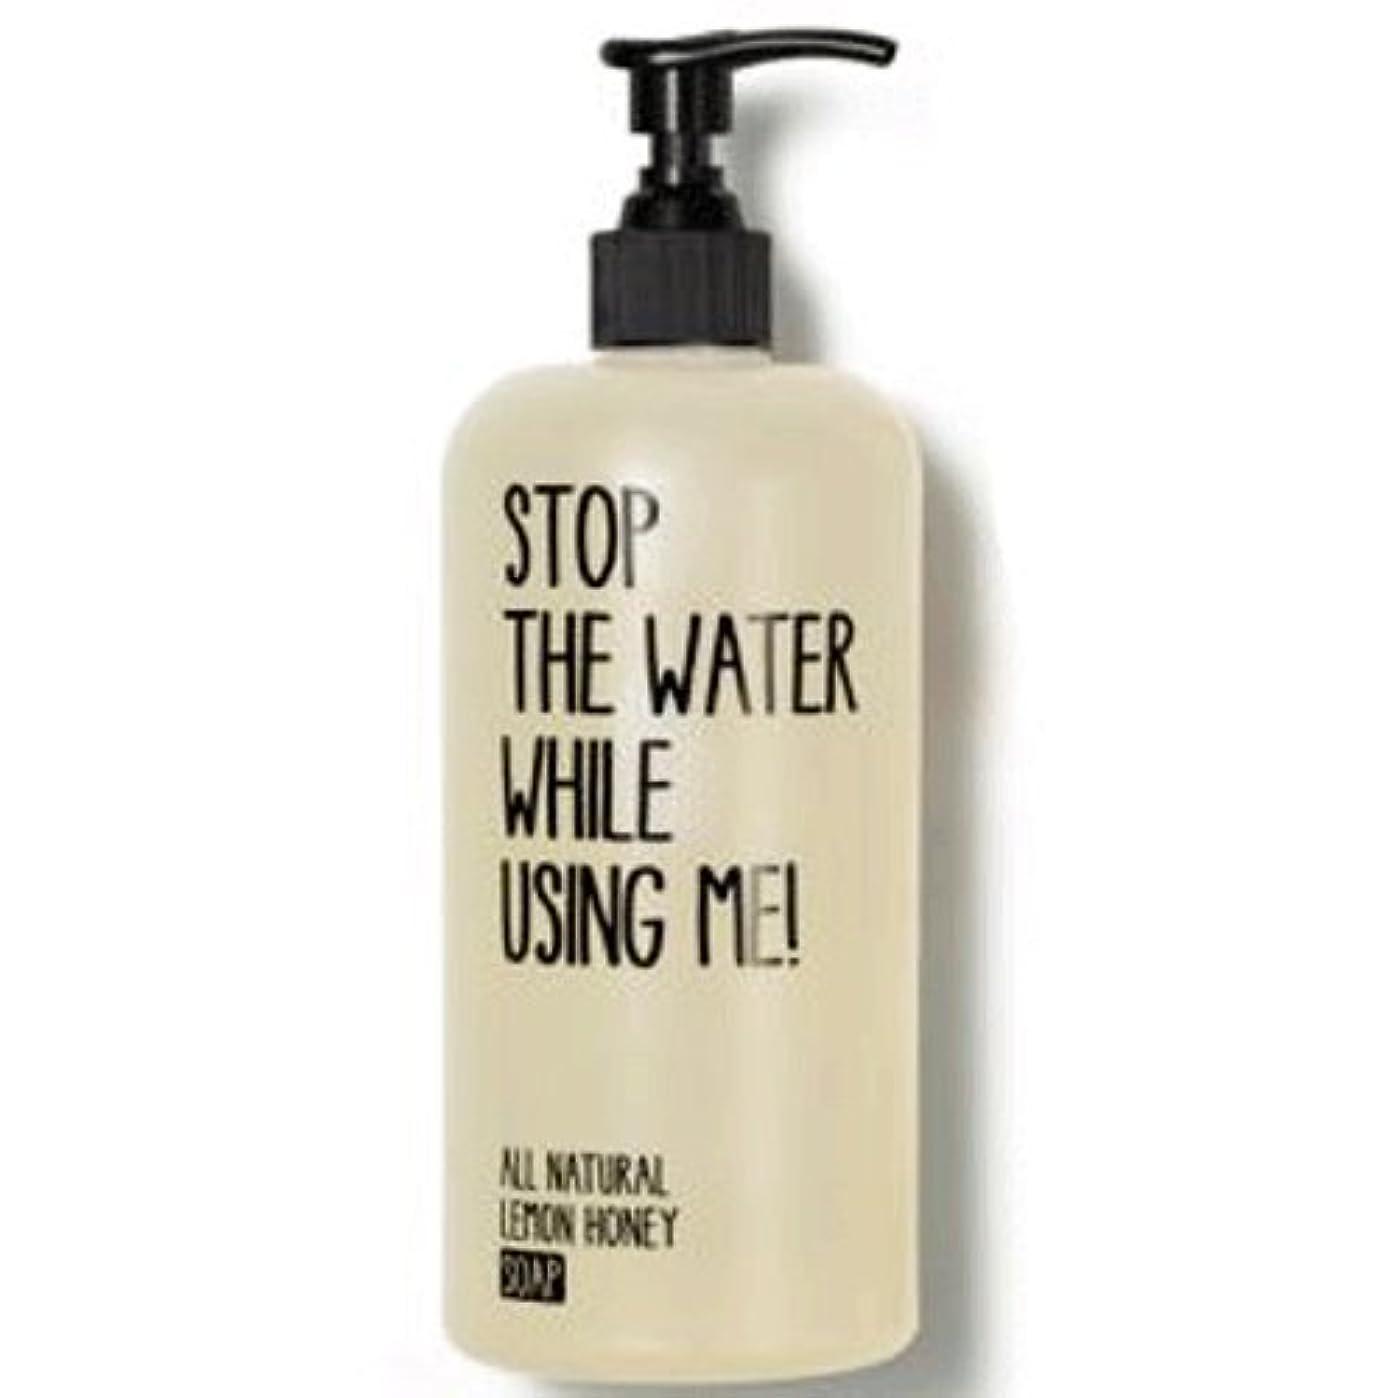 活性化する処理する男【STOP THE WATER WHILE USING ME!】L&Hソープ(レモン&ハニー) 500ml [並行輸入品]